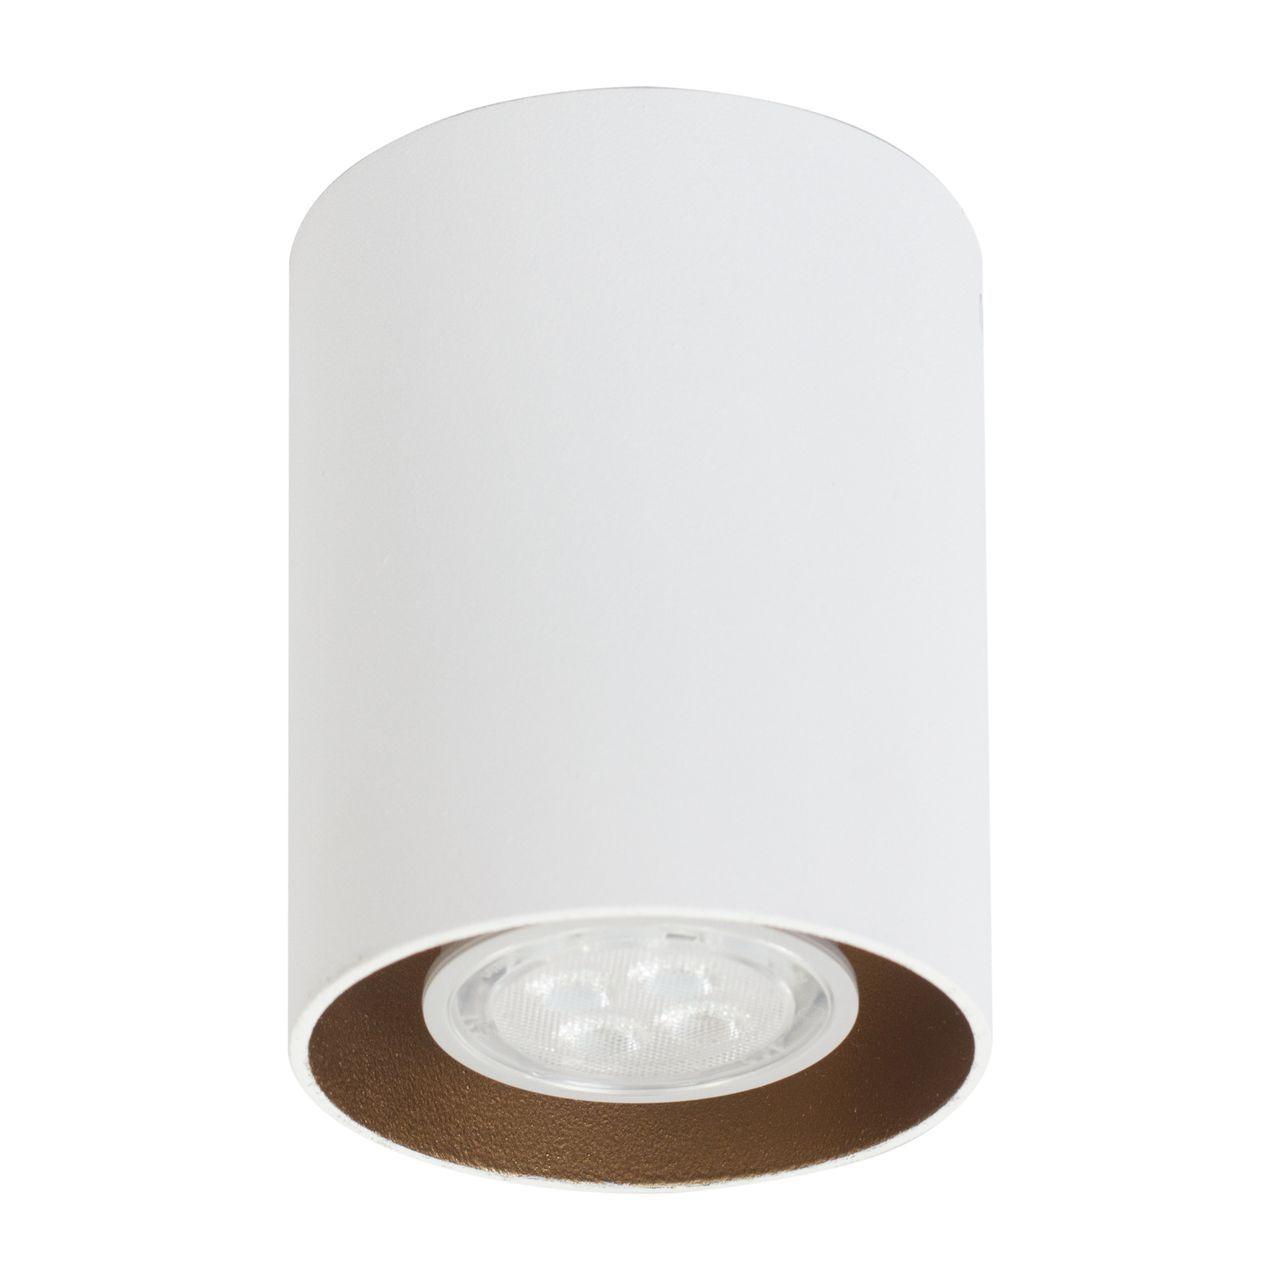 Потолочный светильник АртПром Tubo8 P1 10G